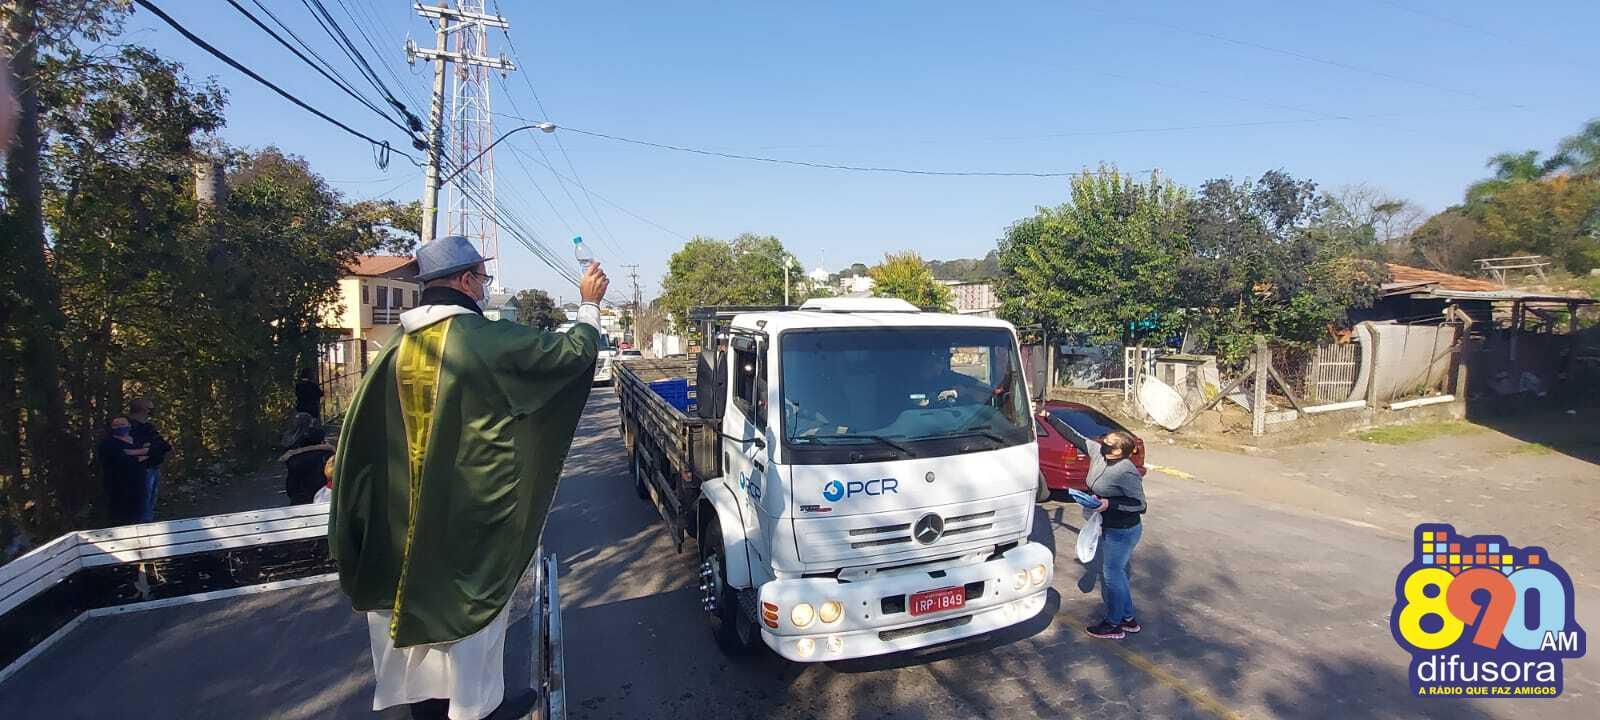 25 de julho: carreata homenageia os colonos e os motoristas em Bento